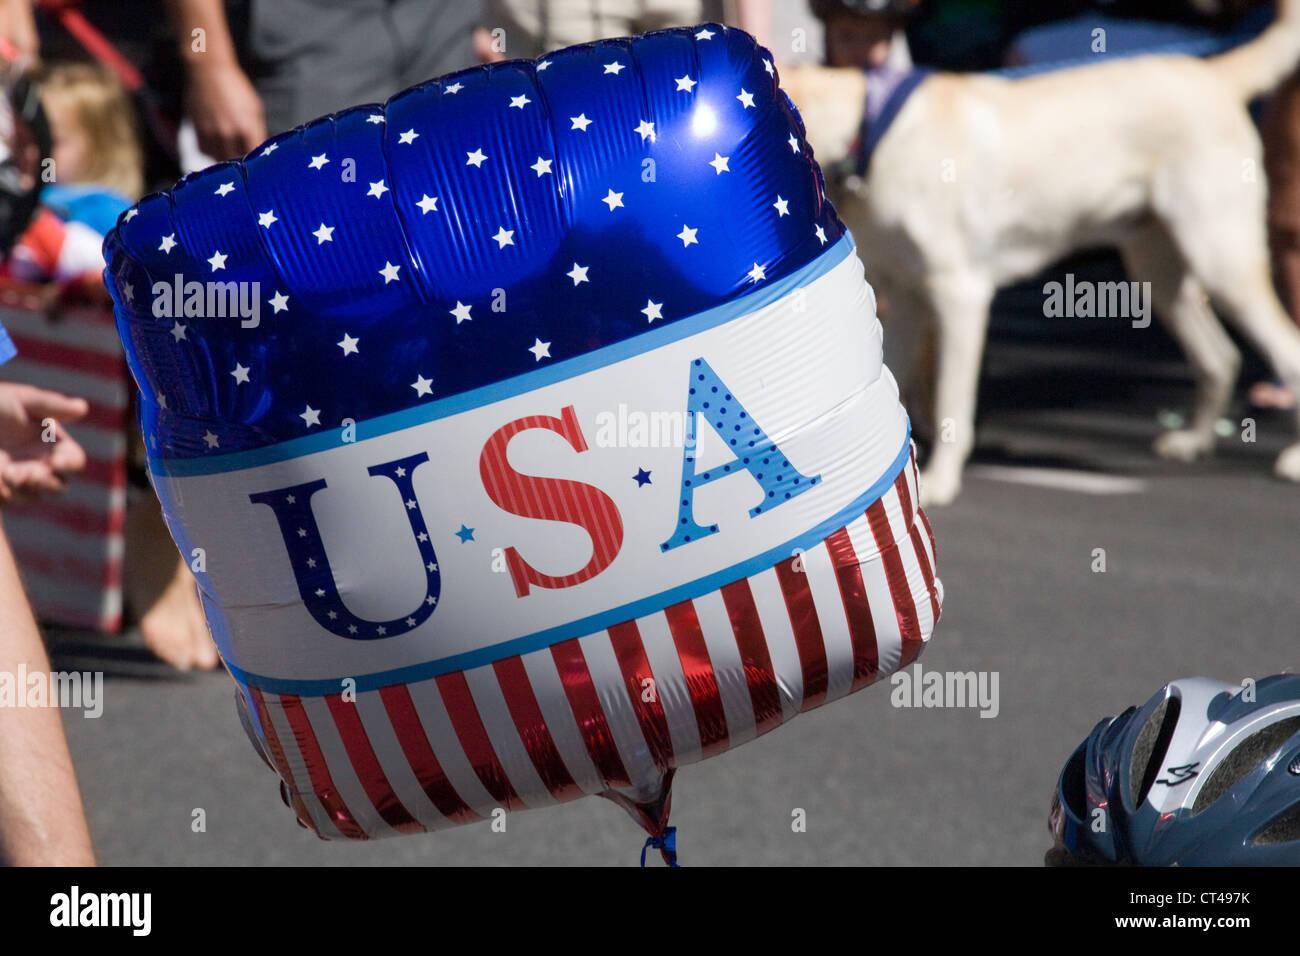 A patriotic USA balloon at a 4th of july parade - Stock Image